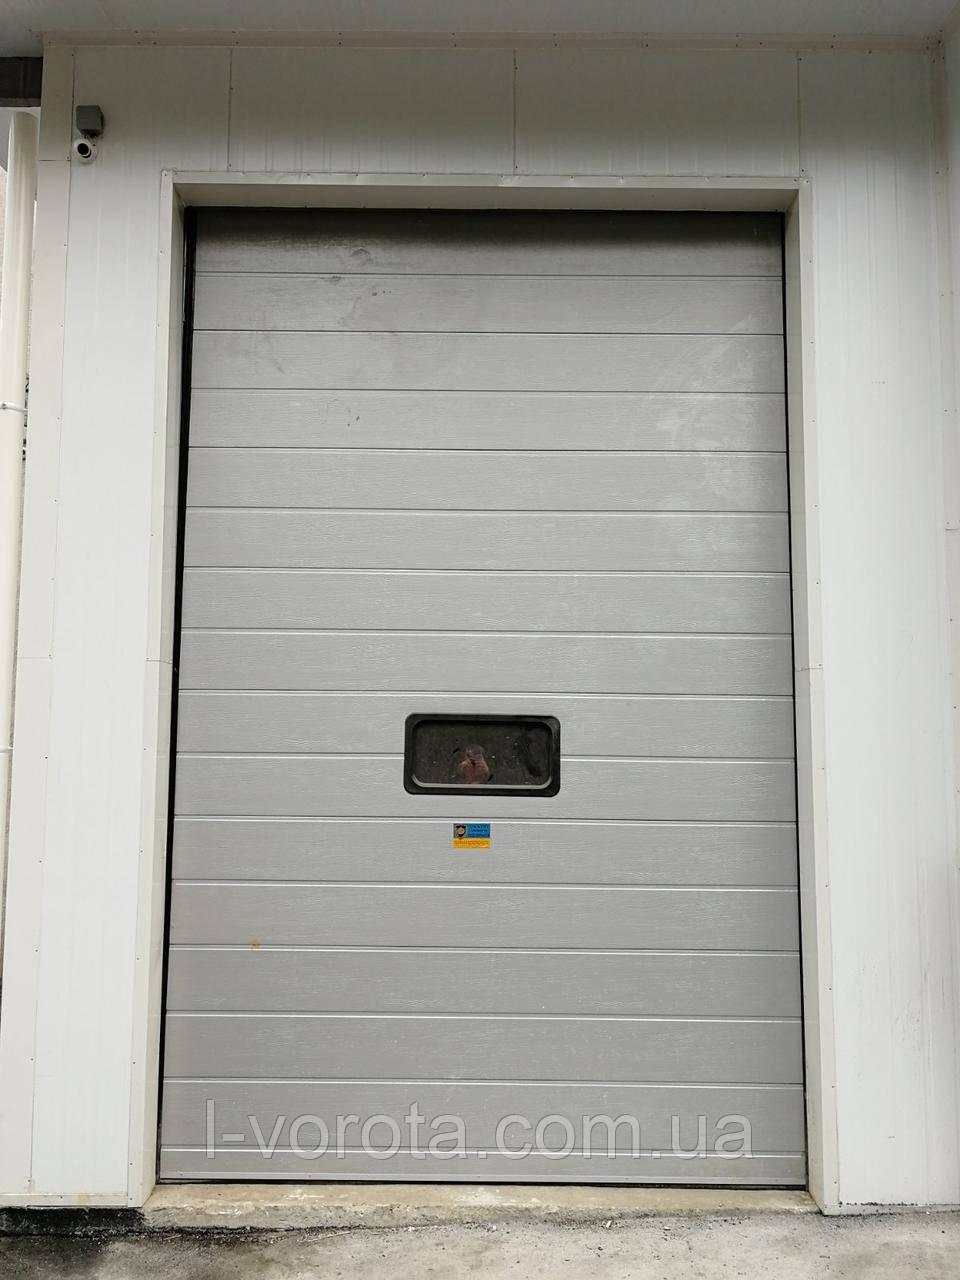 Секционные промышленные ворота - вертикальный подьем с окном DoorHan ш3500мм, в3500мм